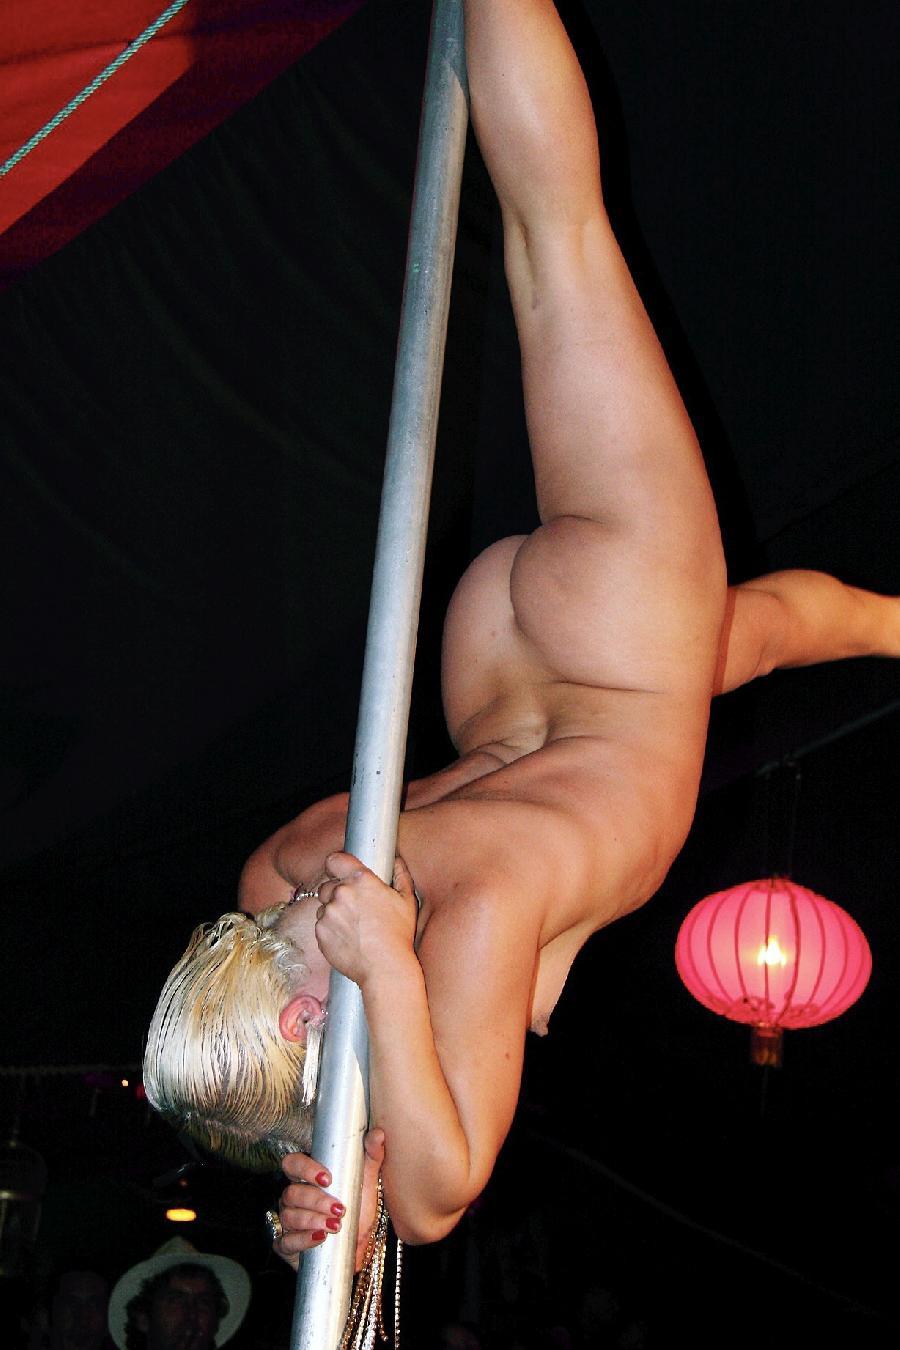 Pole dancing - 18